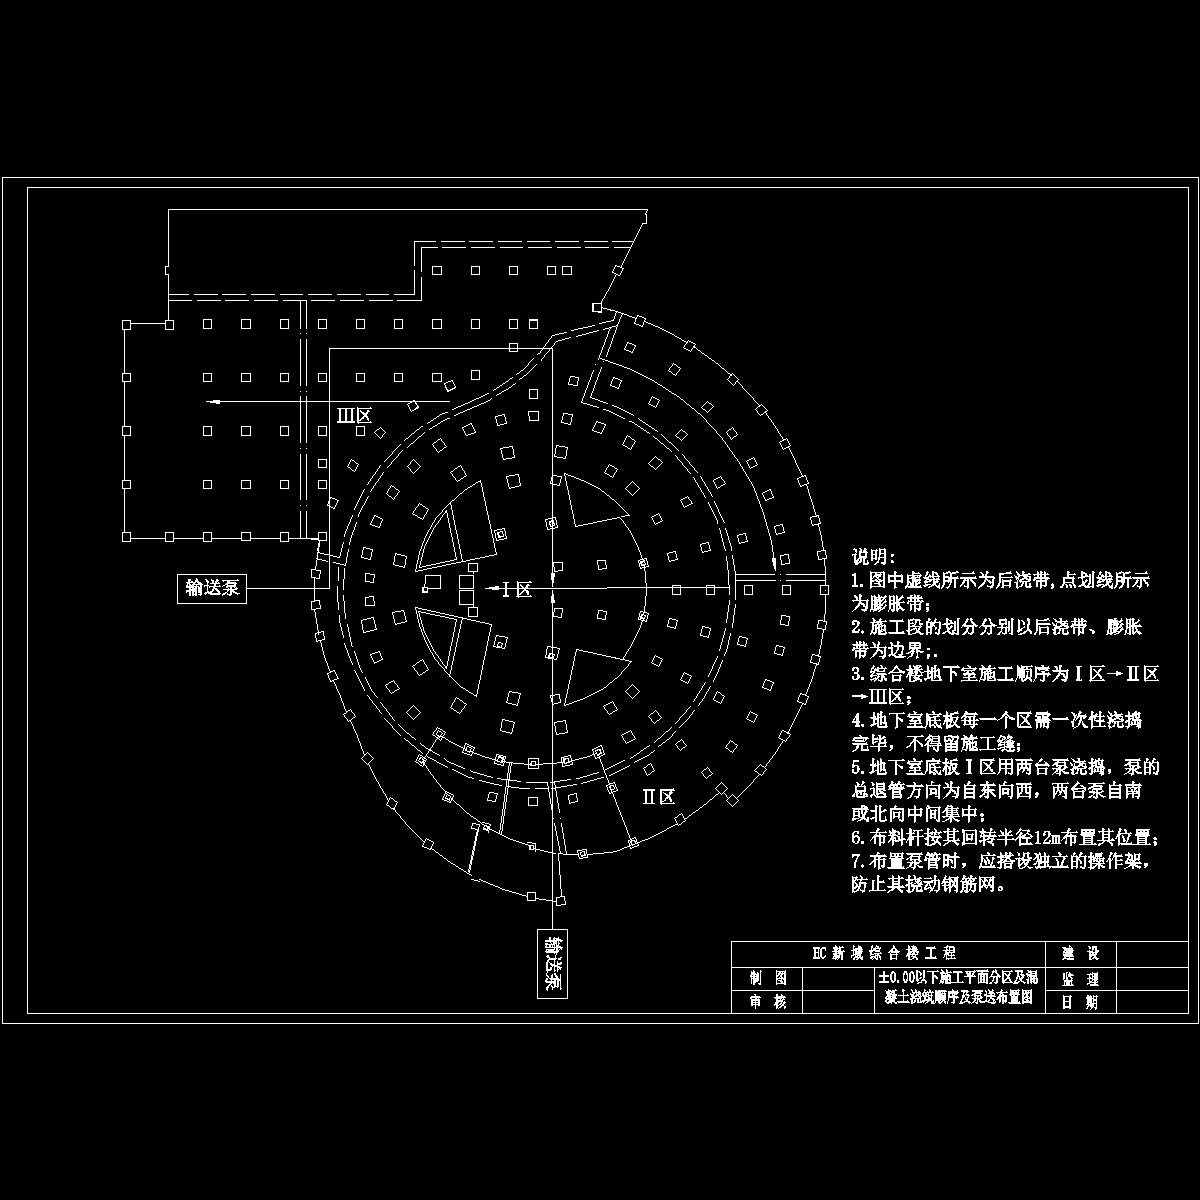 地下室施工分区图.dwg